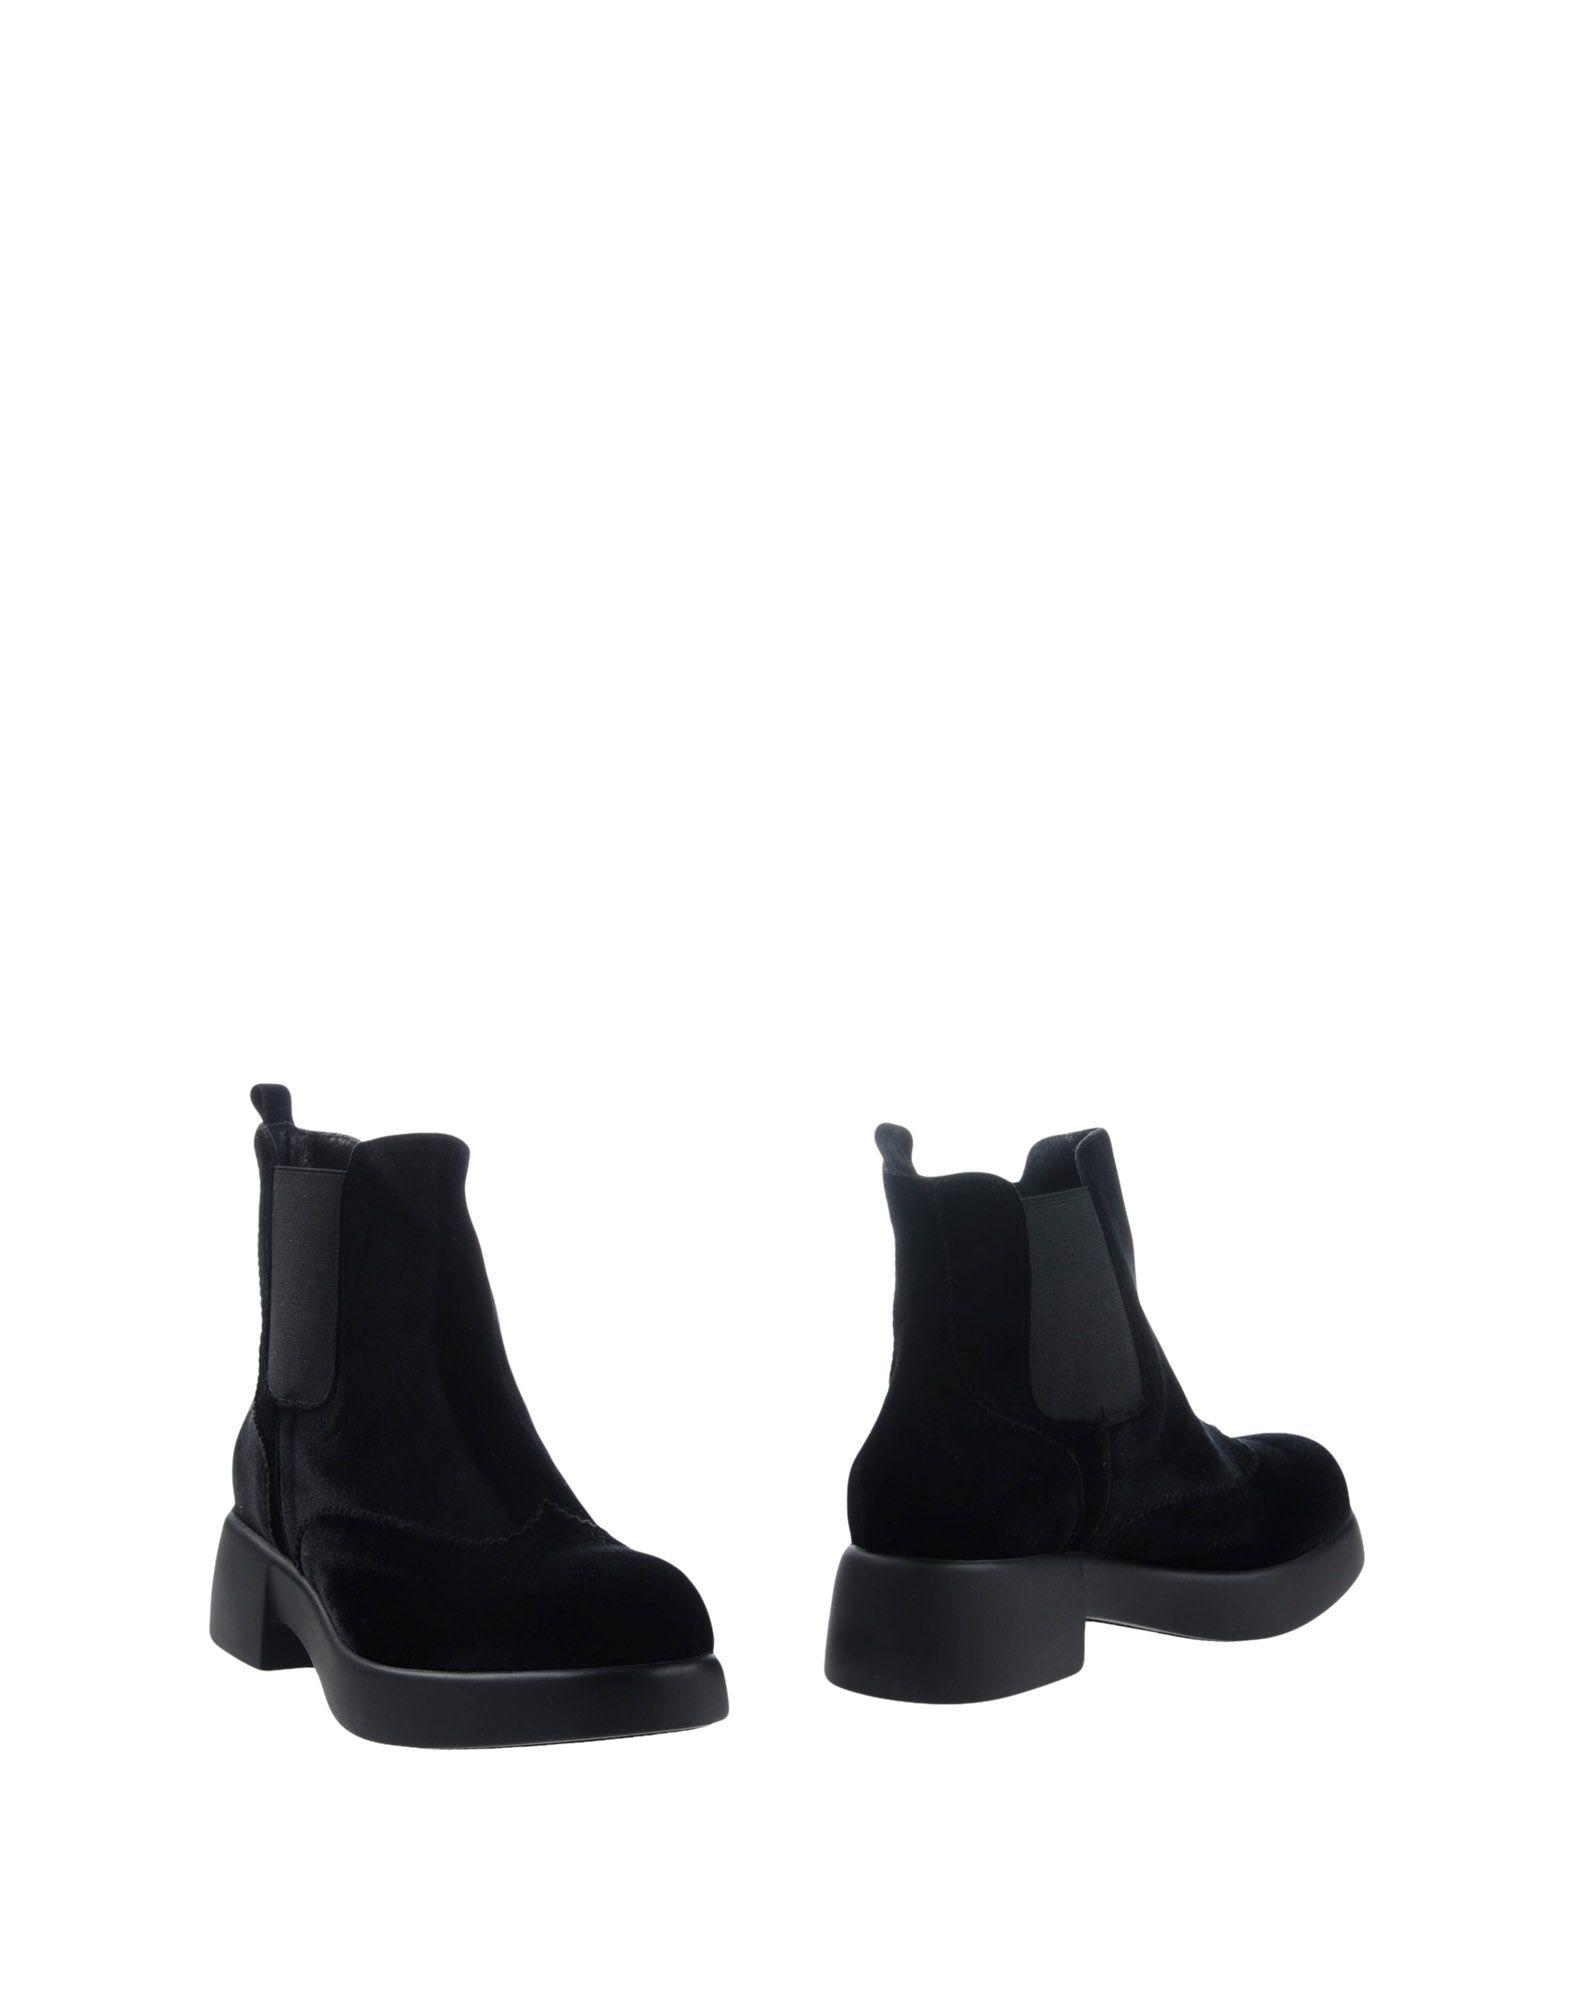 Chelsea Boots Unlace Donna - 11270460XK